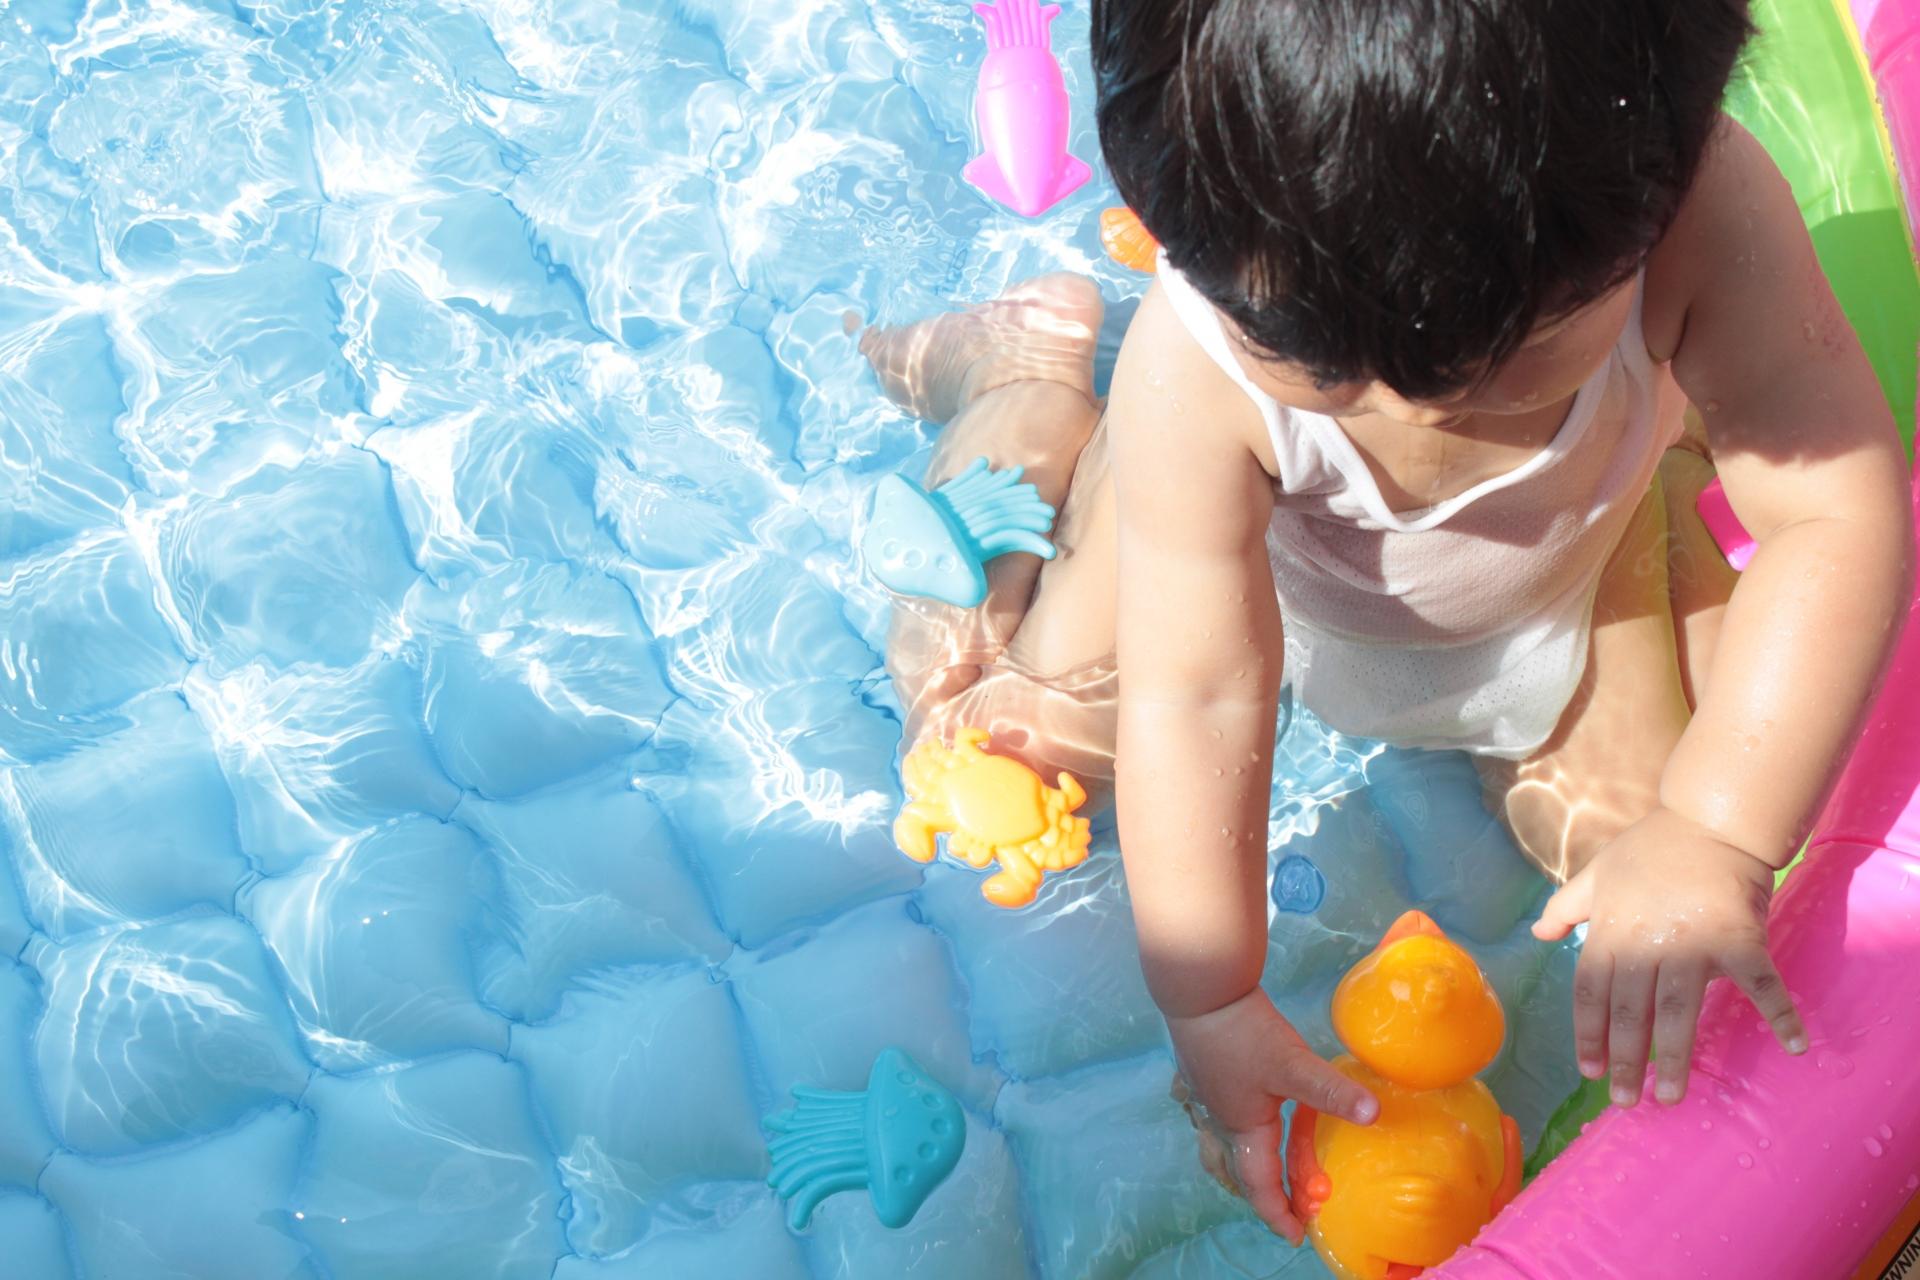 水遊び用のおもちゃおすすめ11選!仕組みを学べる知育玩具も